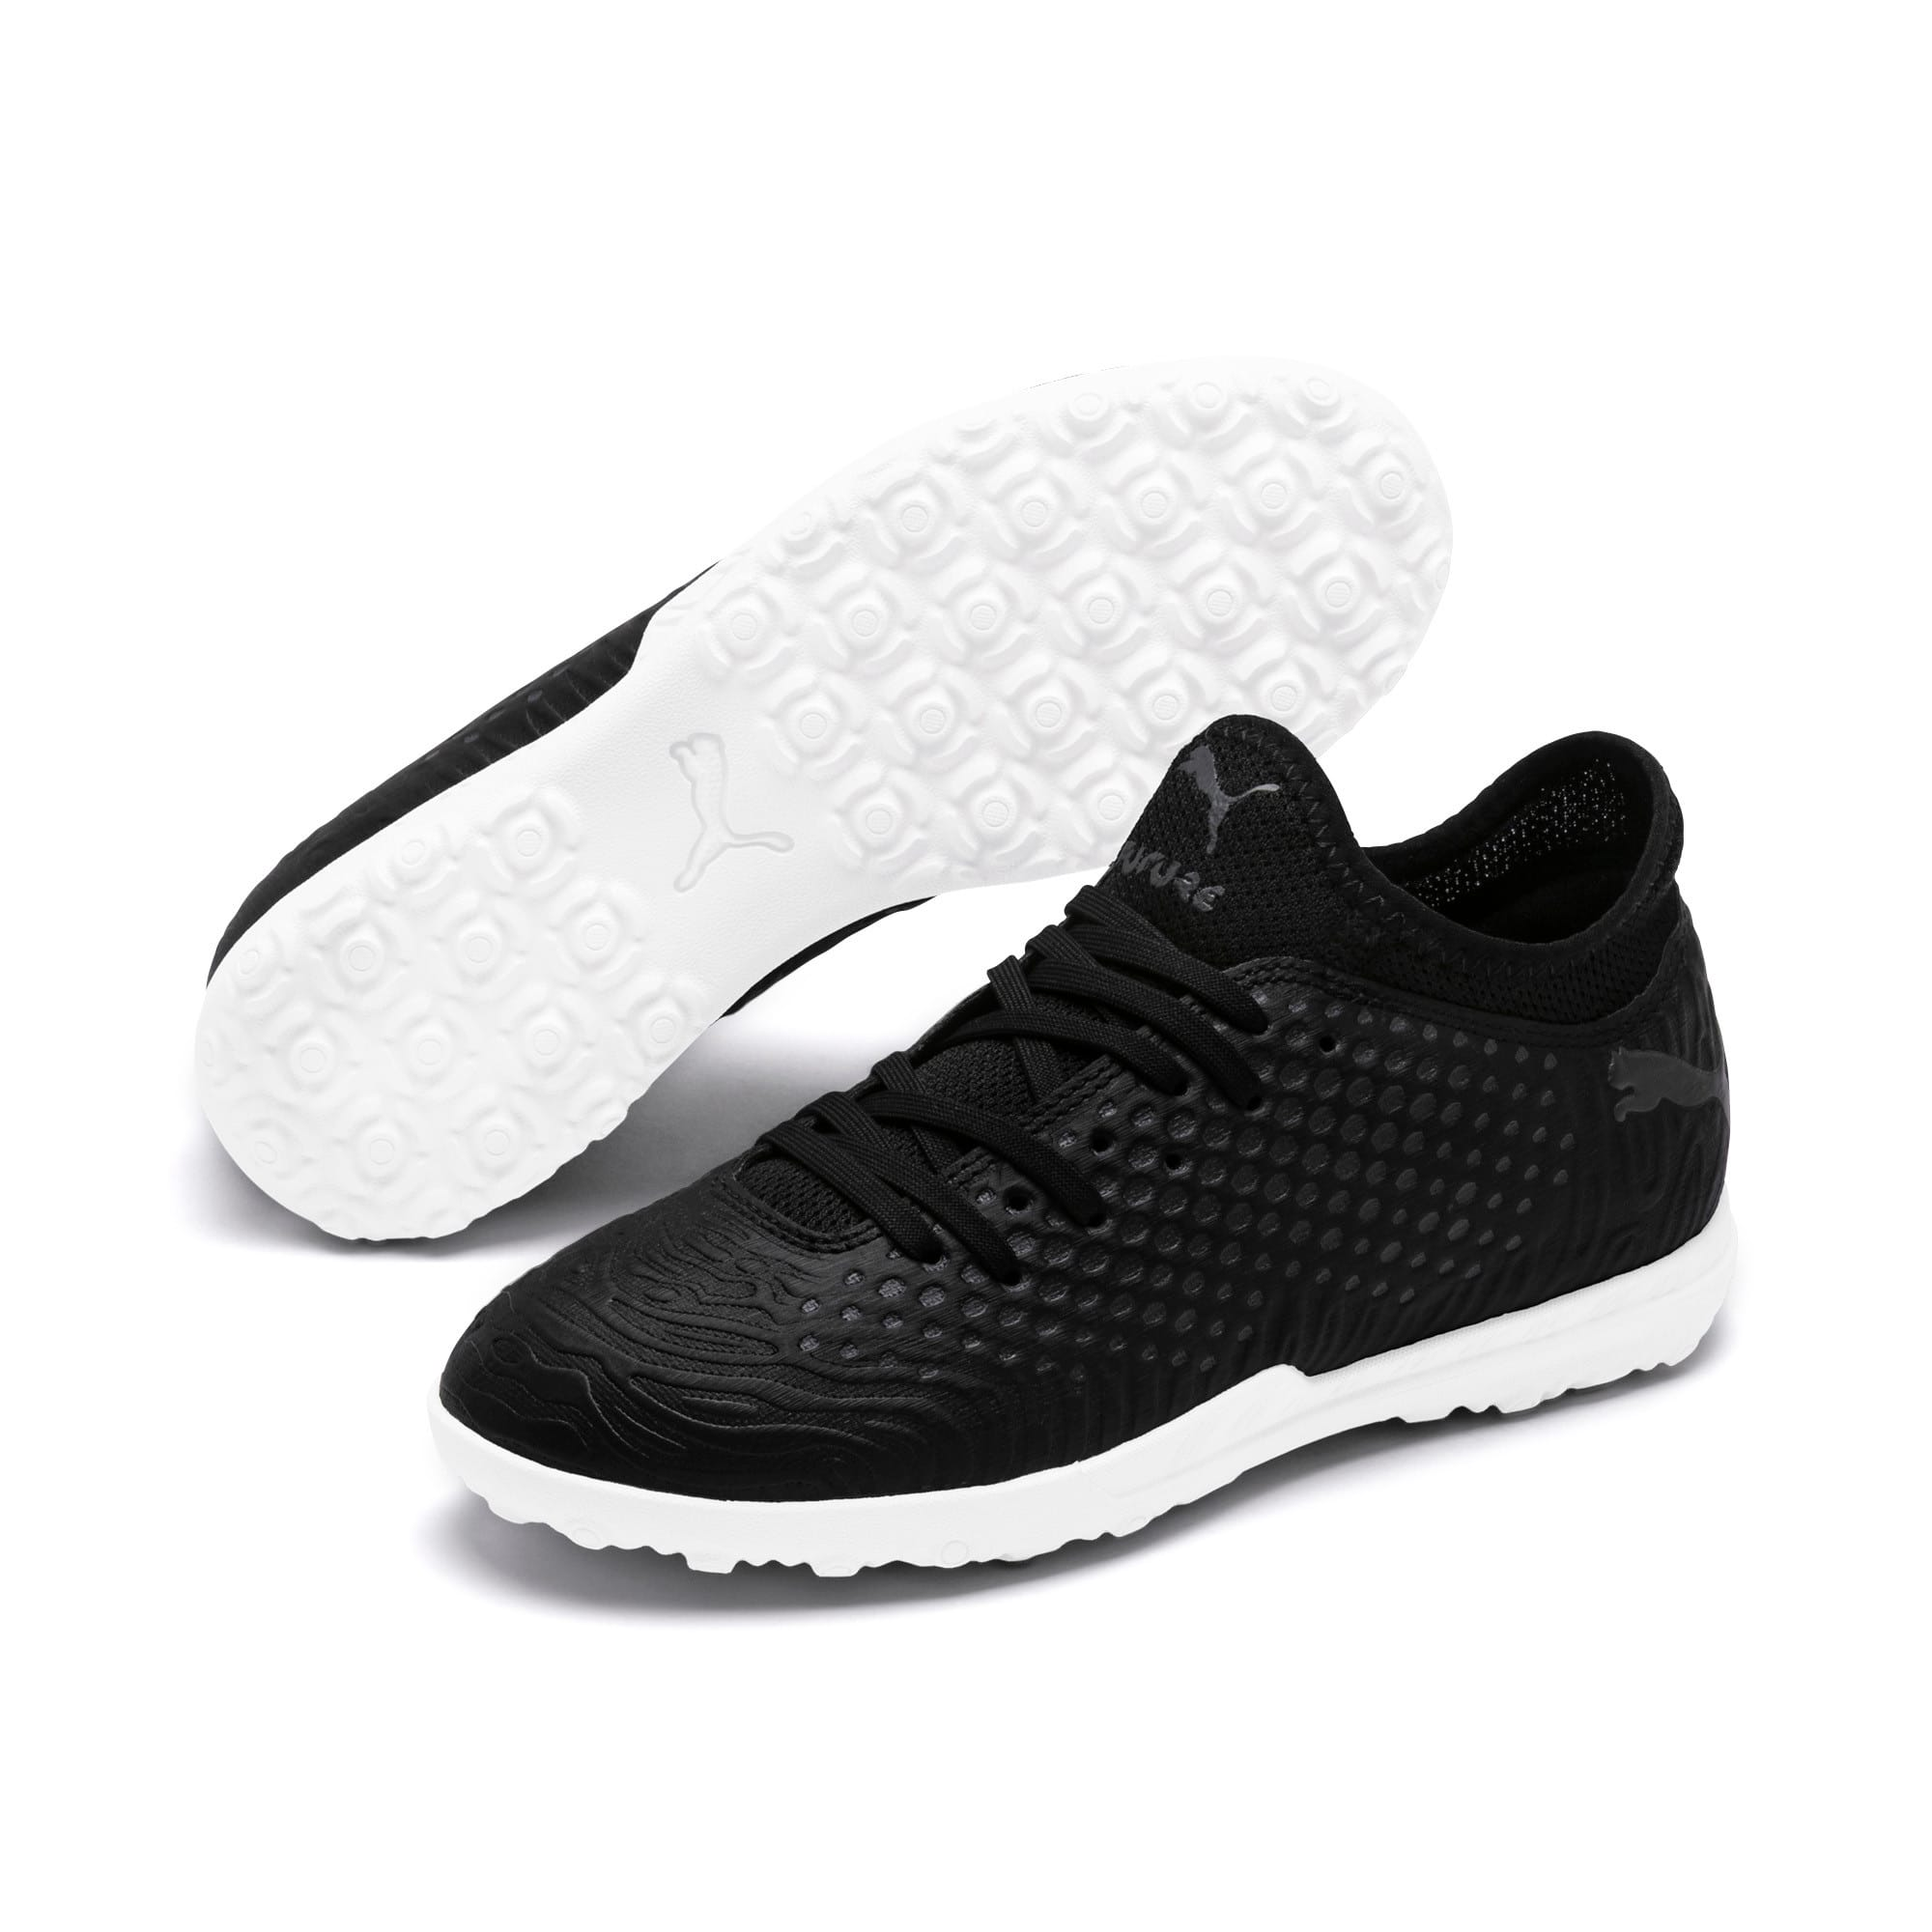 Thumbnail 2 of FUTURE 19.4 TT Soccer Shoes JR, Puma Black-Puma Black-White, medium